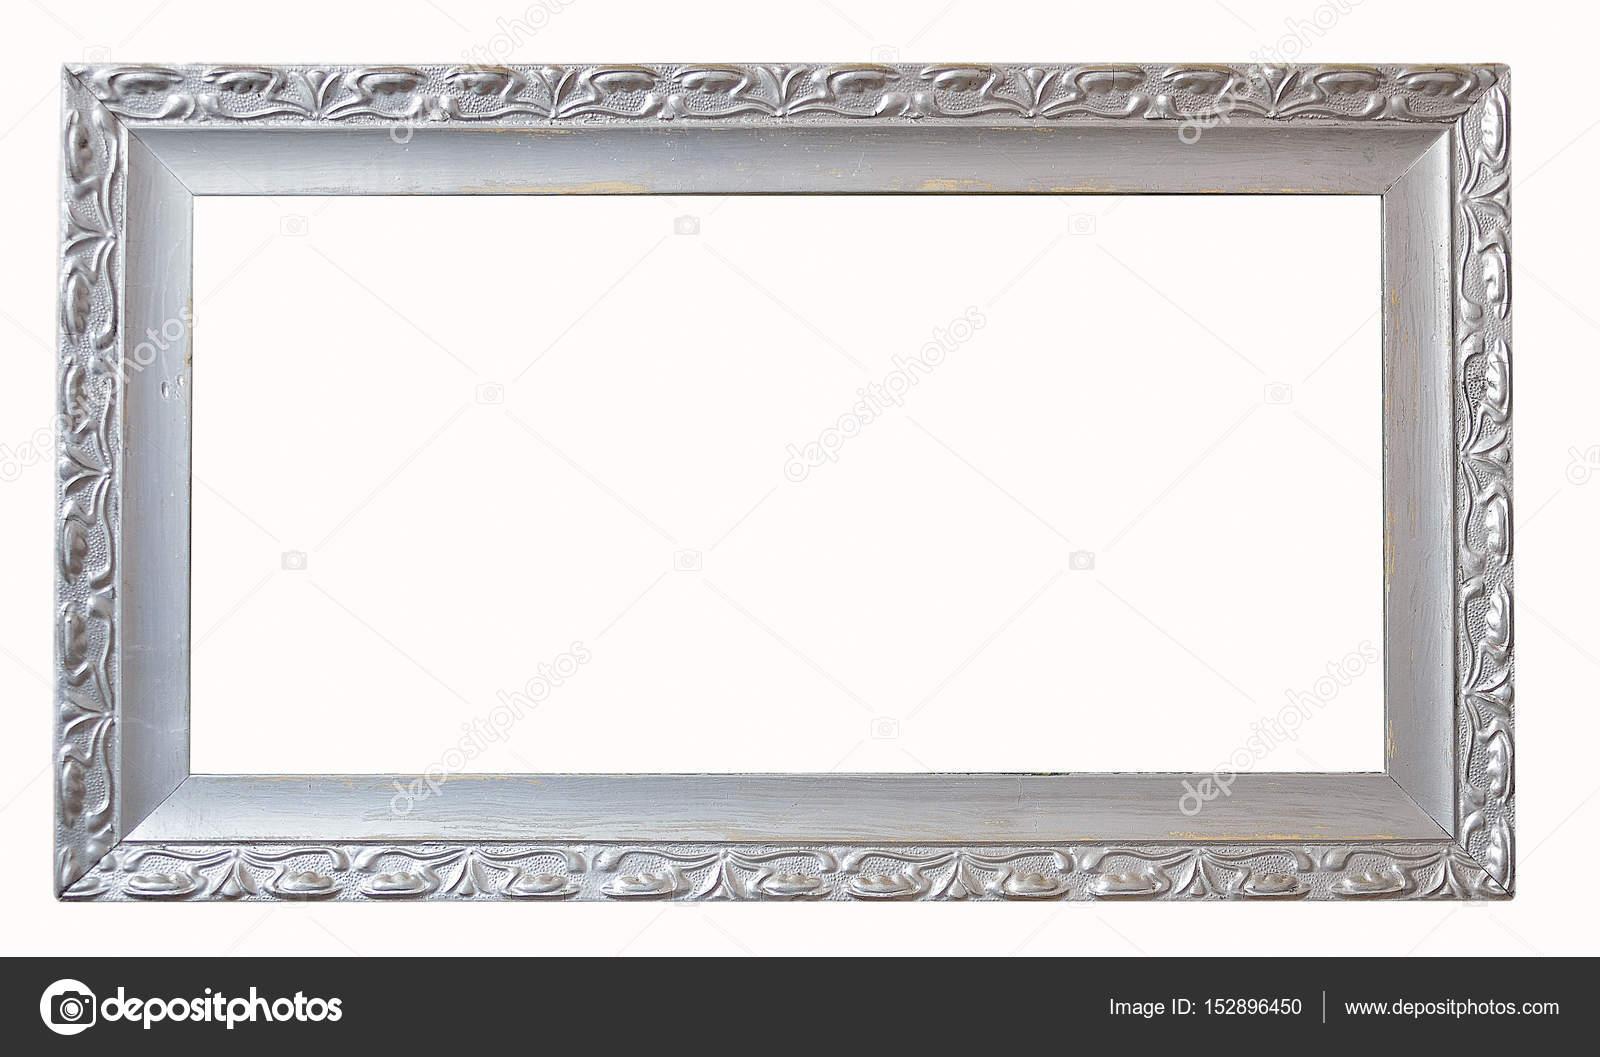 marco adornado para el cuadro — Foto de stock © cunaplus #152896450